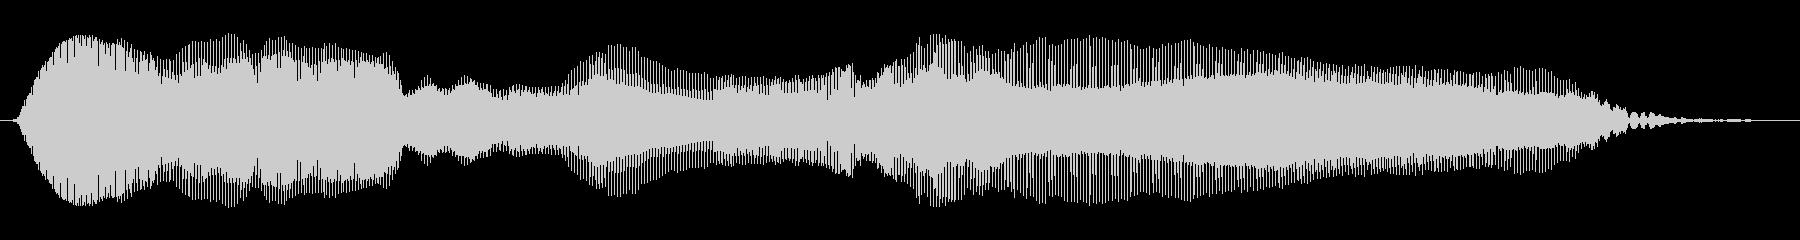 眠い~の未再生の波形